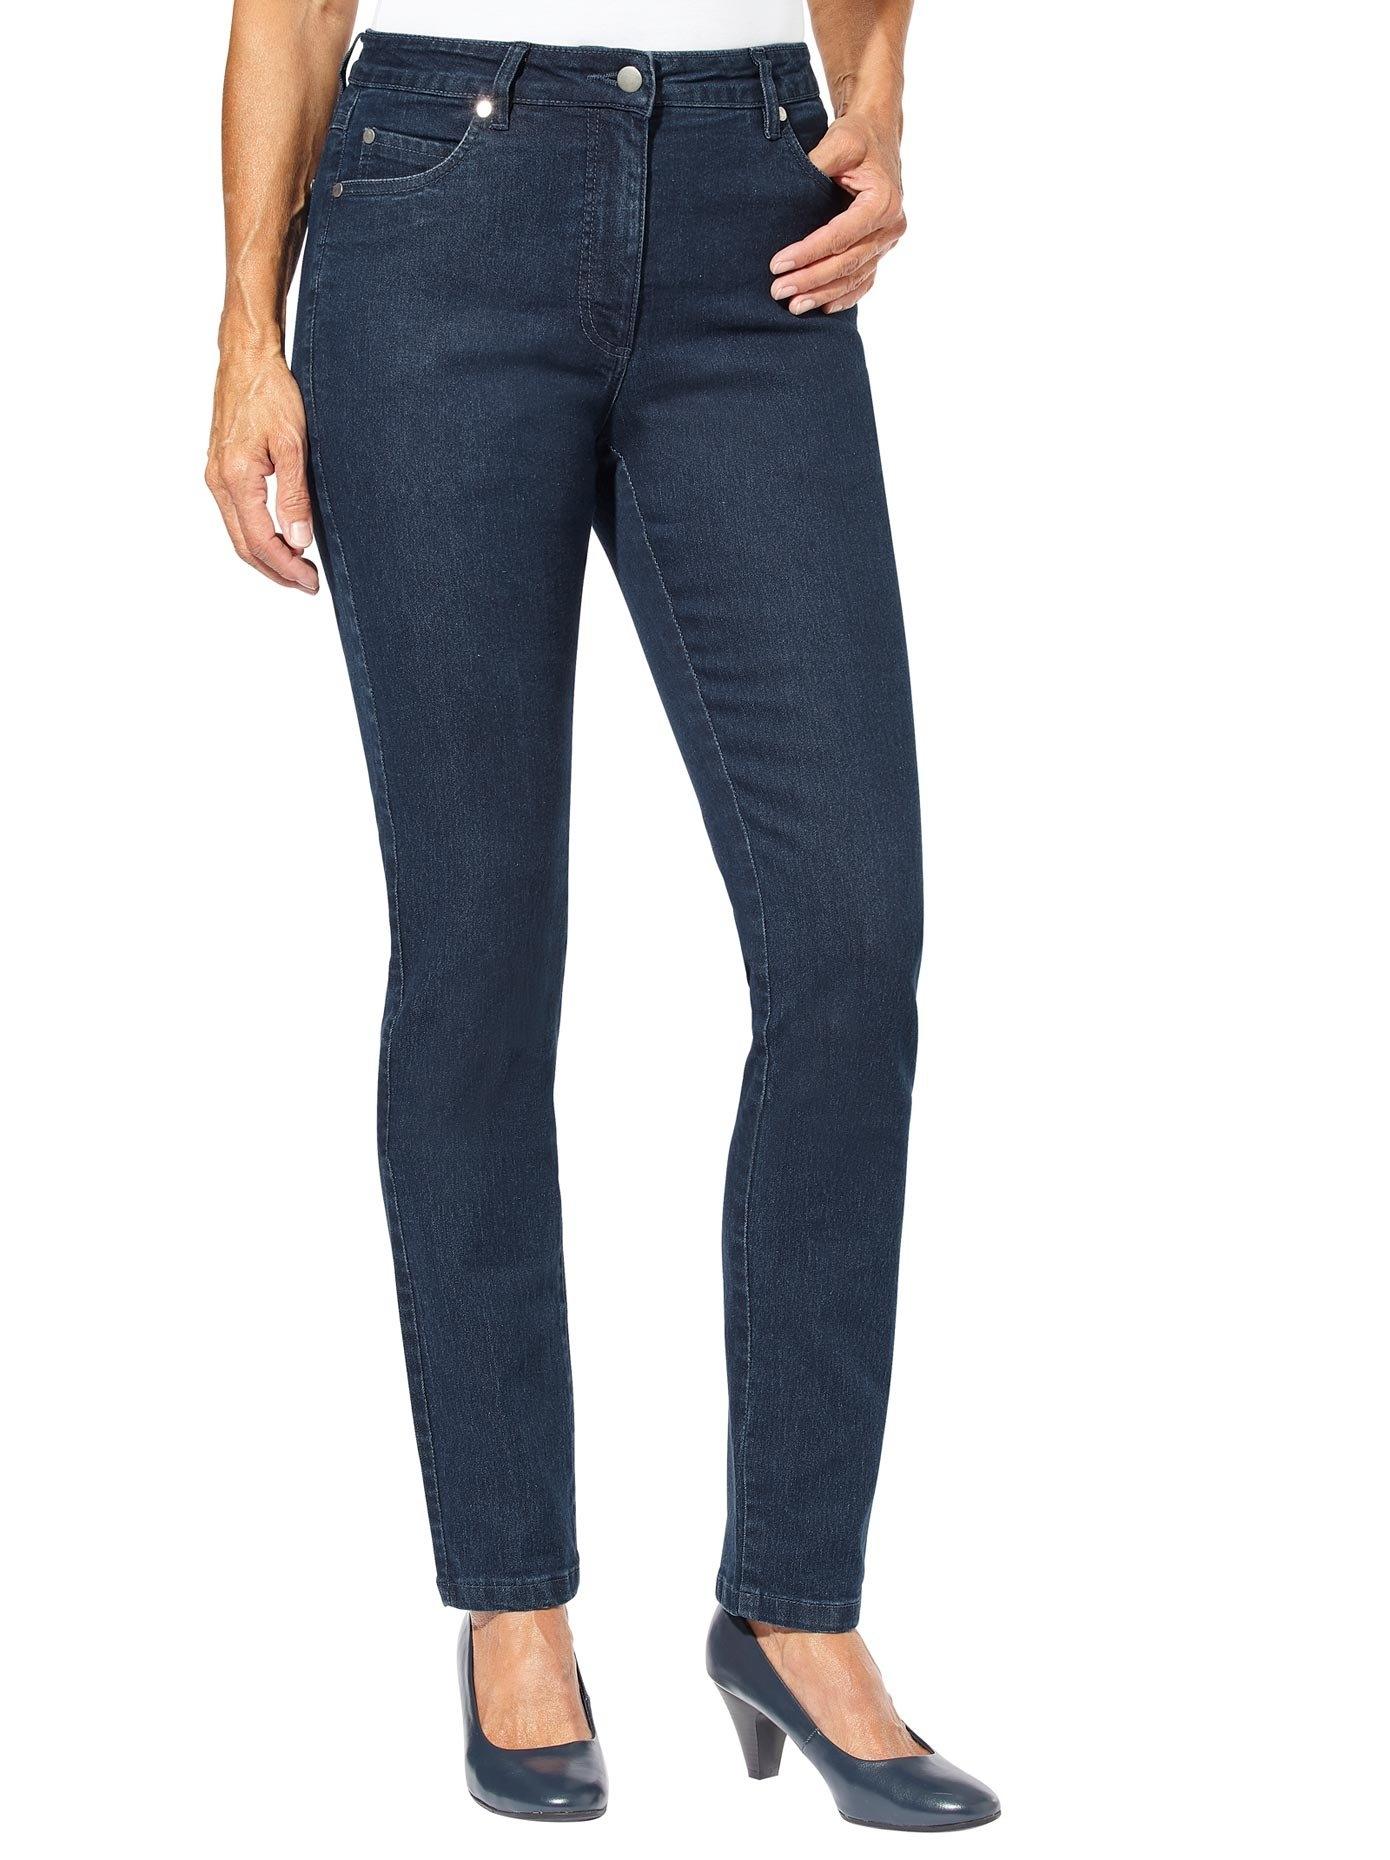 Ambria jeans in five-pocketsmodel bestellen: 30 dagen bedenktijd